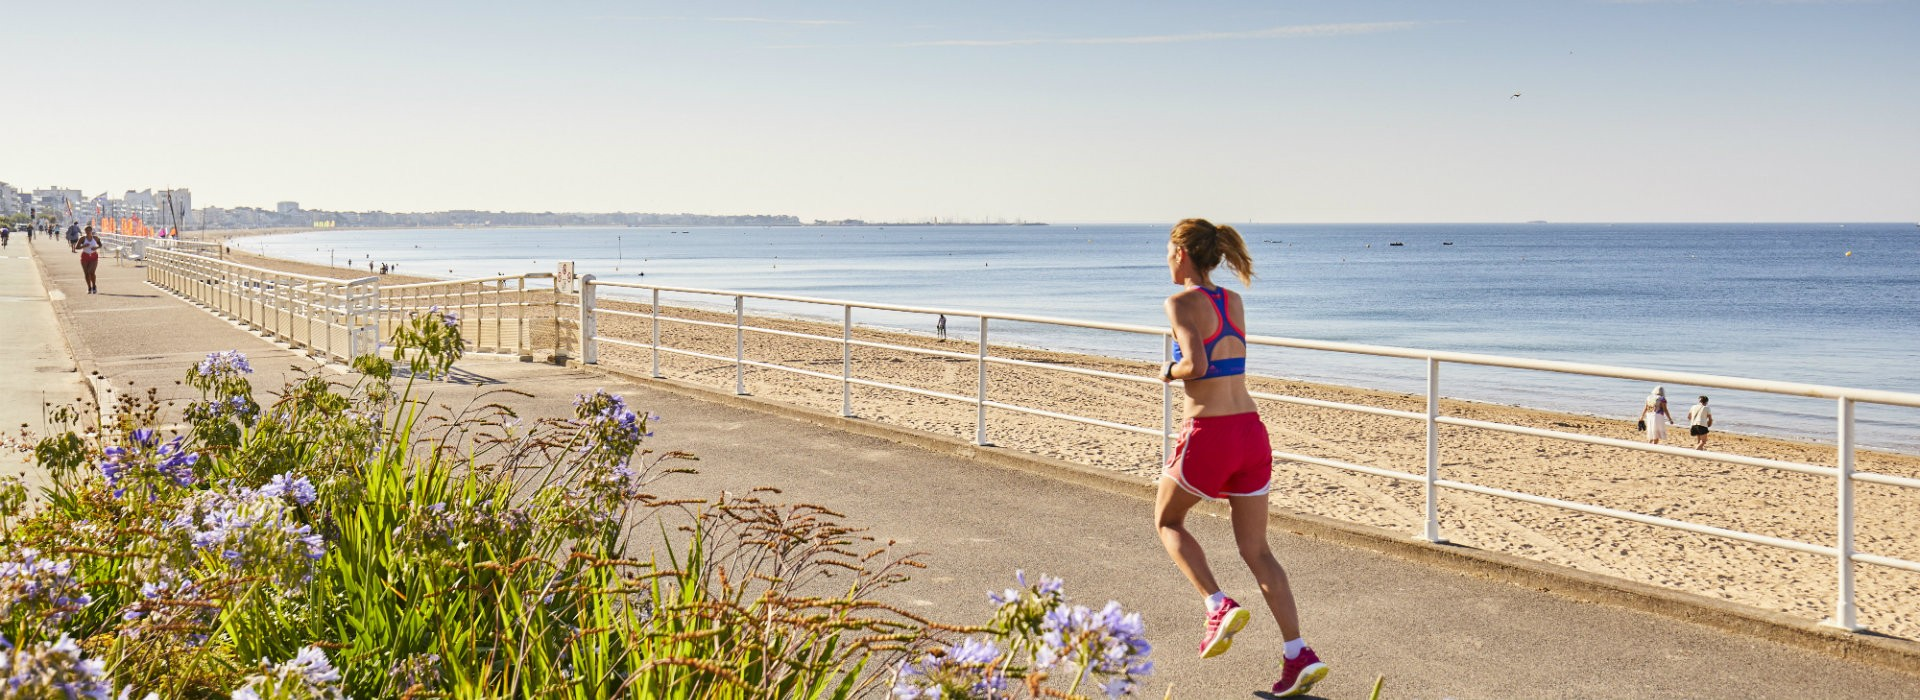 Jogging sur le remblai de La Baule - Alexandre Lamoureux